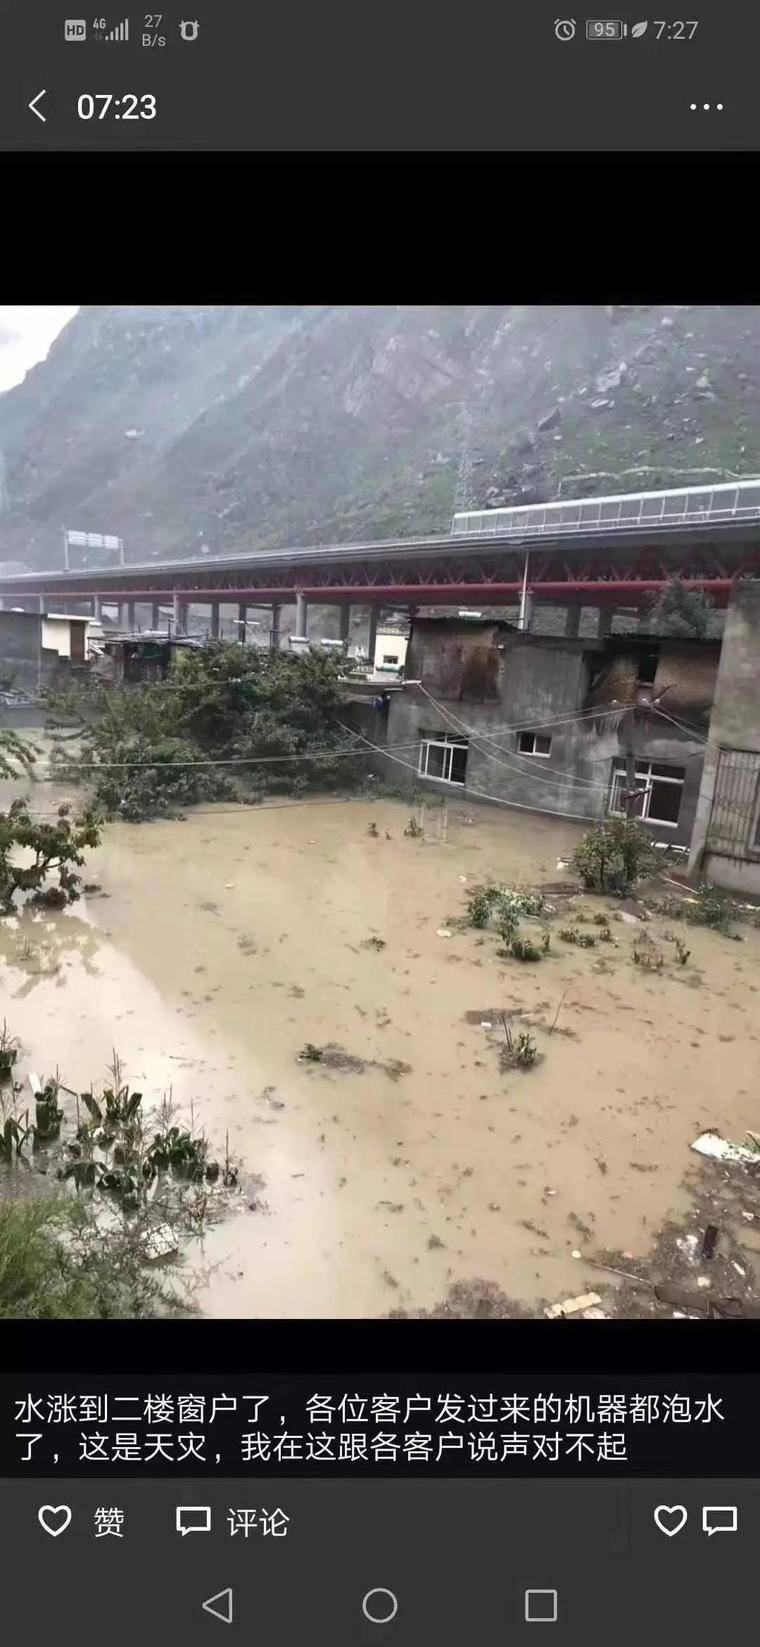 突发!四川水灾,价值百万的比特币矿机被水冲